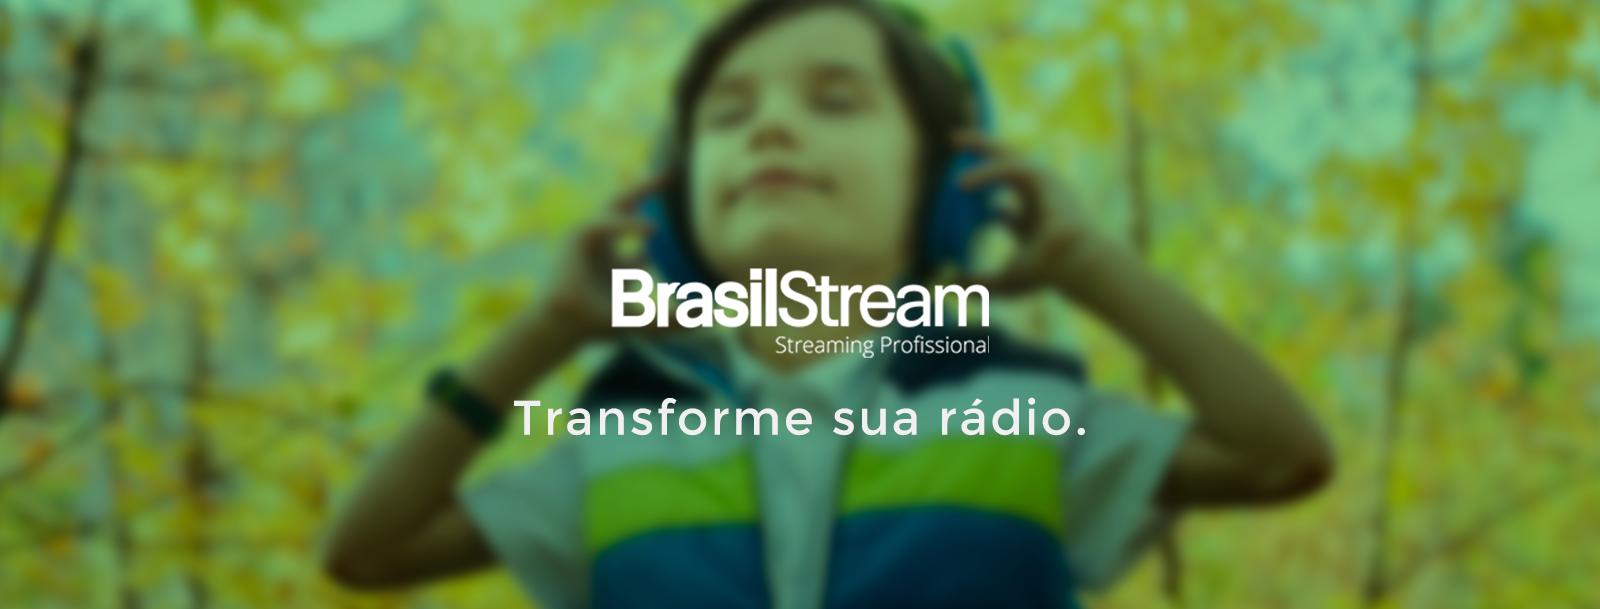 Brasil Stream transforme a sua Rádio